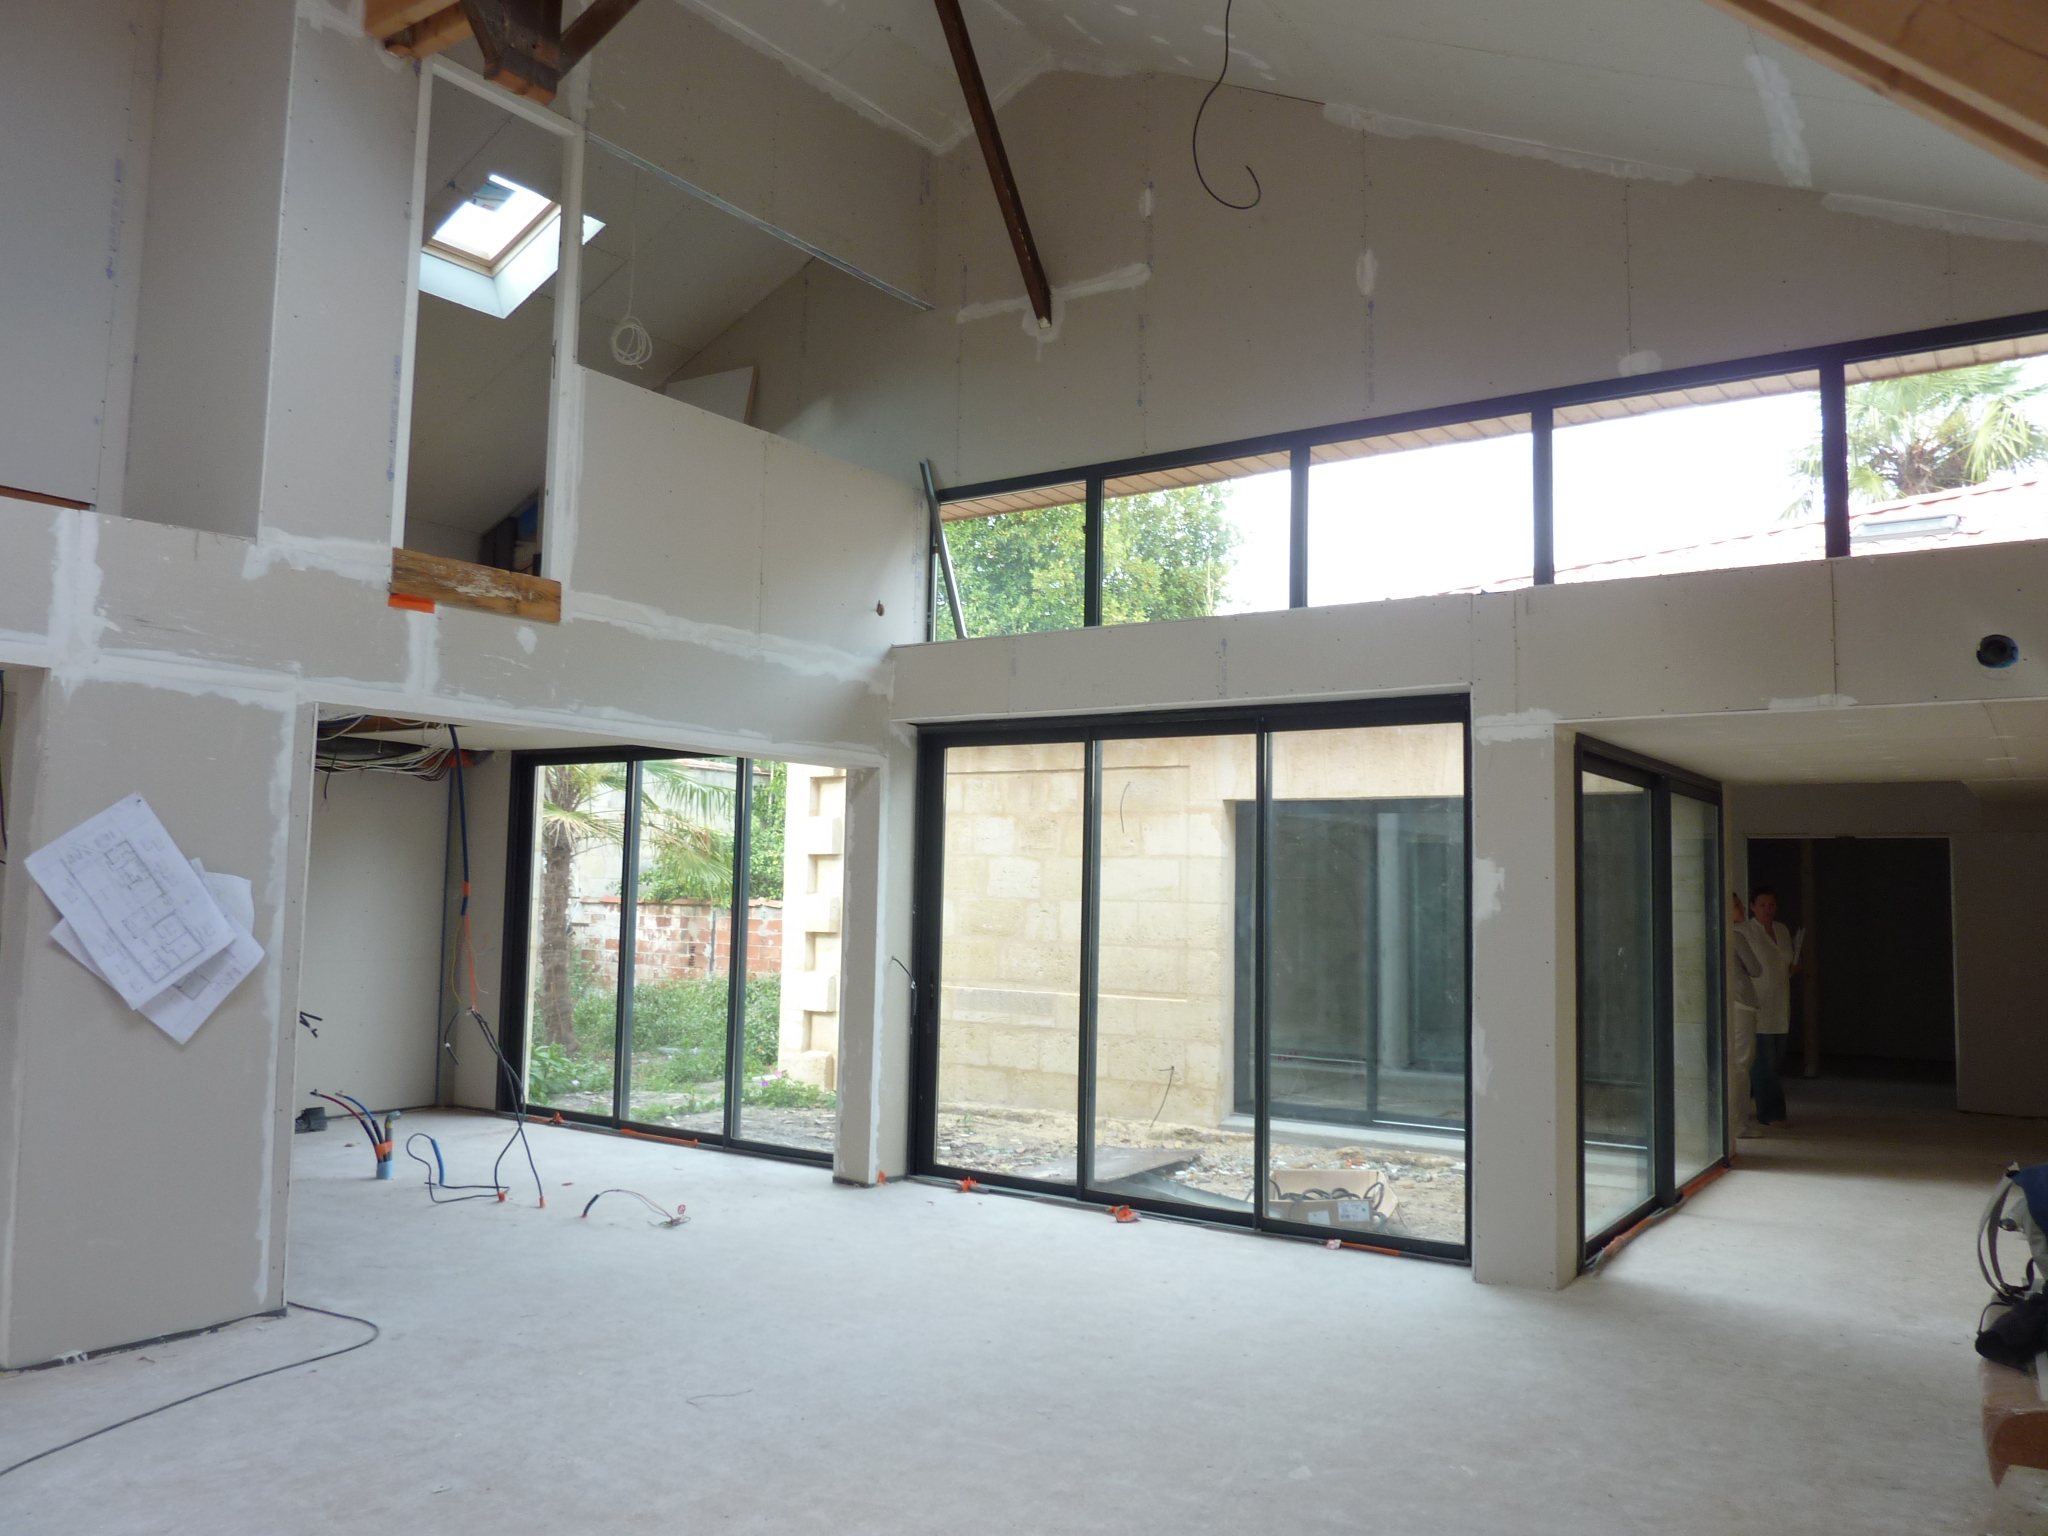 loft dans un hangar. Black Bedroom Furniture Sets. Home Design Ideas